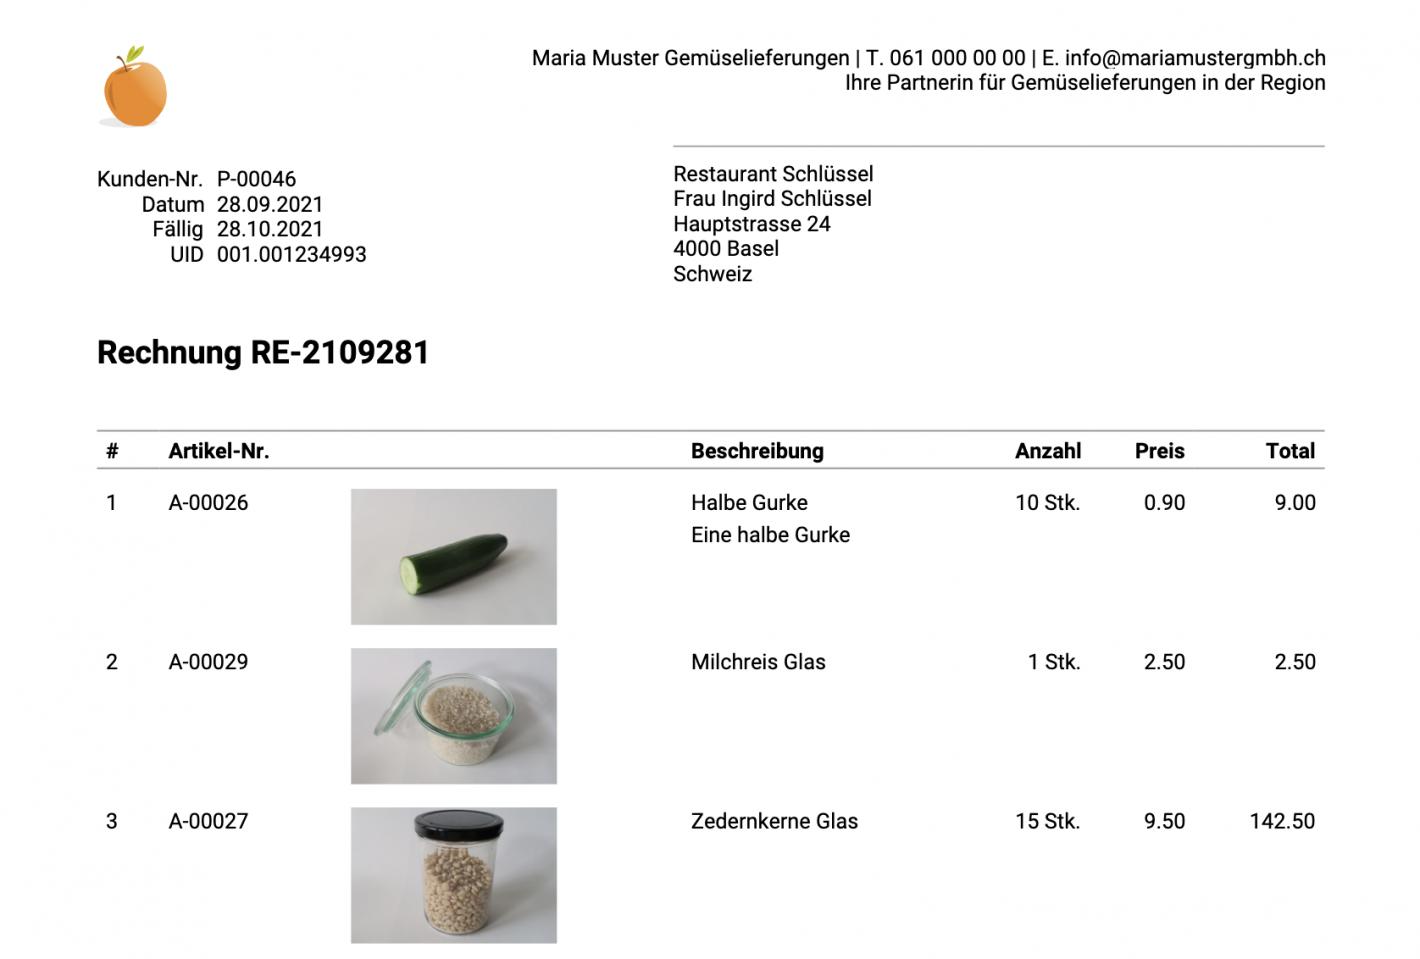 Screenshot: Rechnungsdokument mit Artikelbilder bei den Positionen